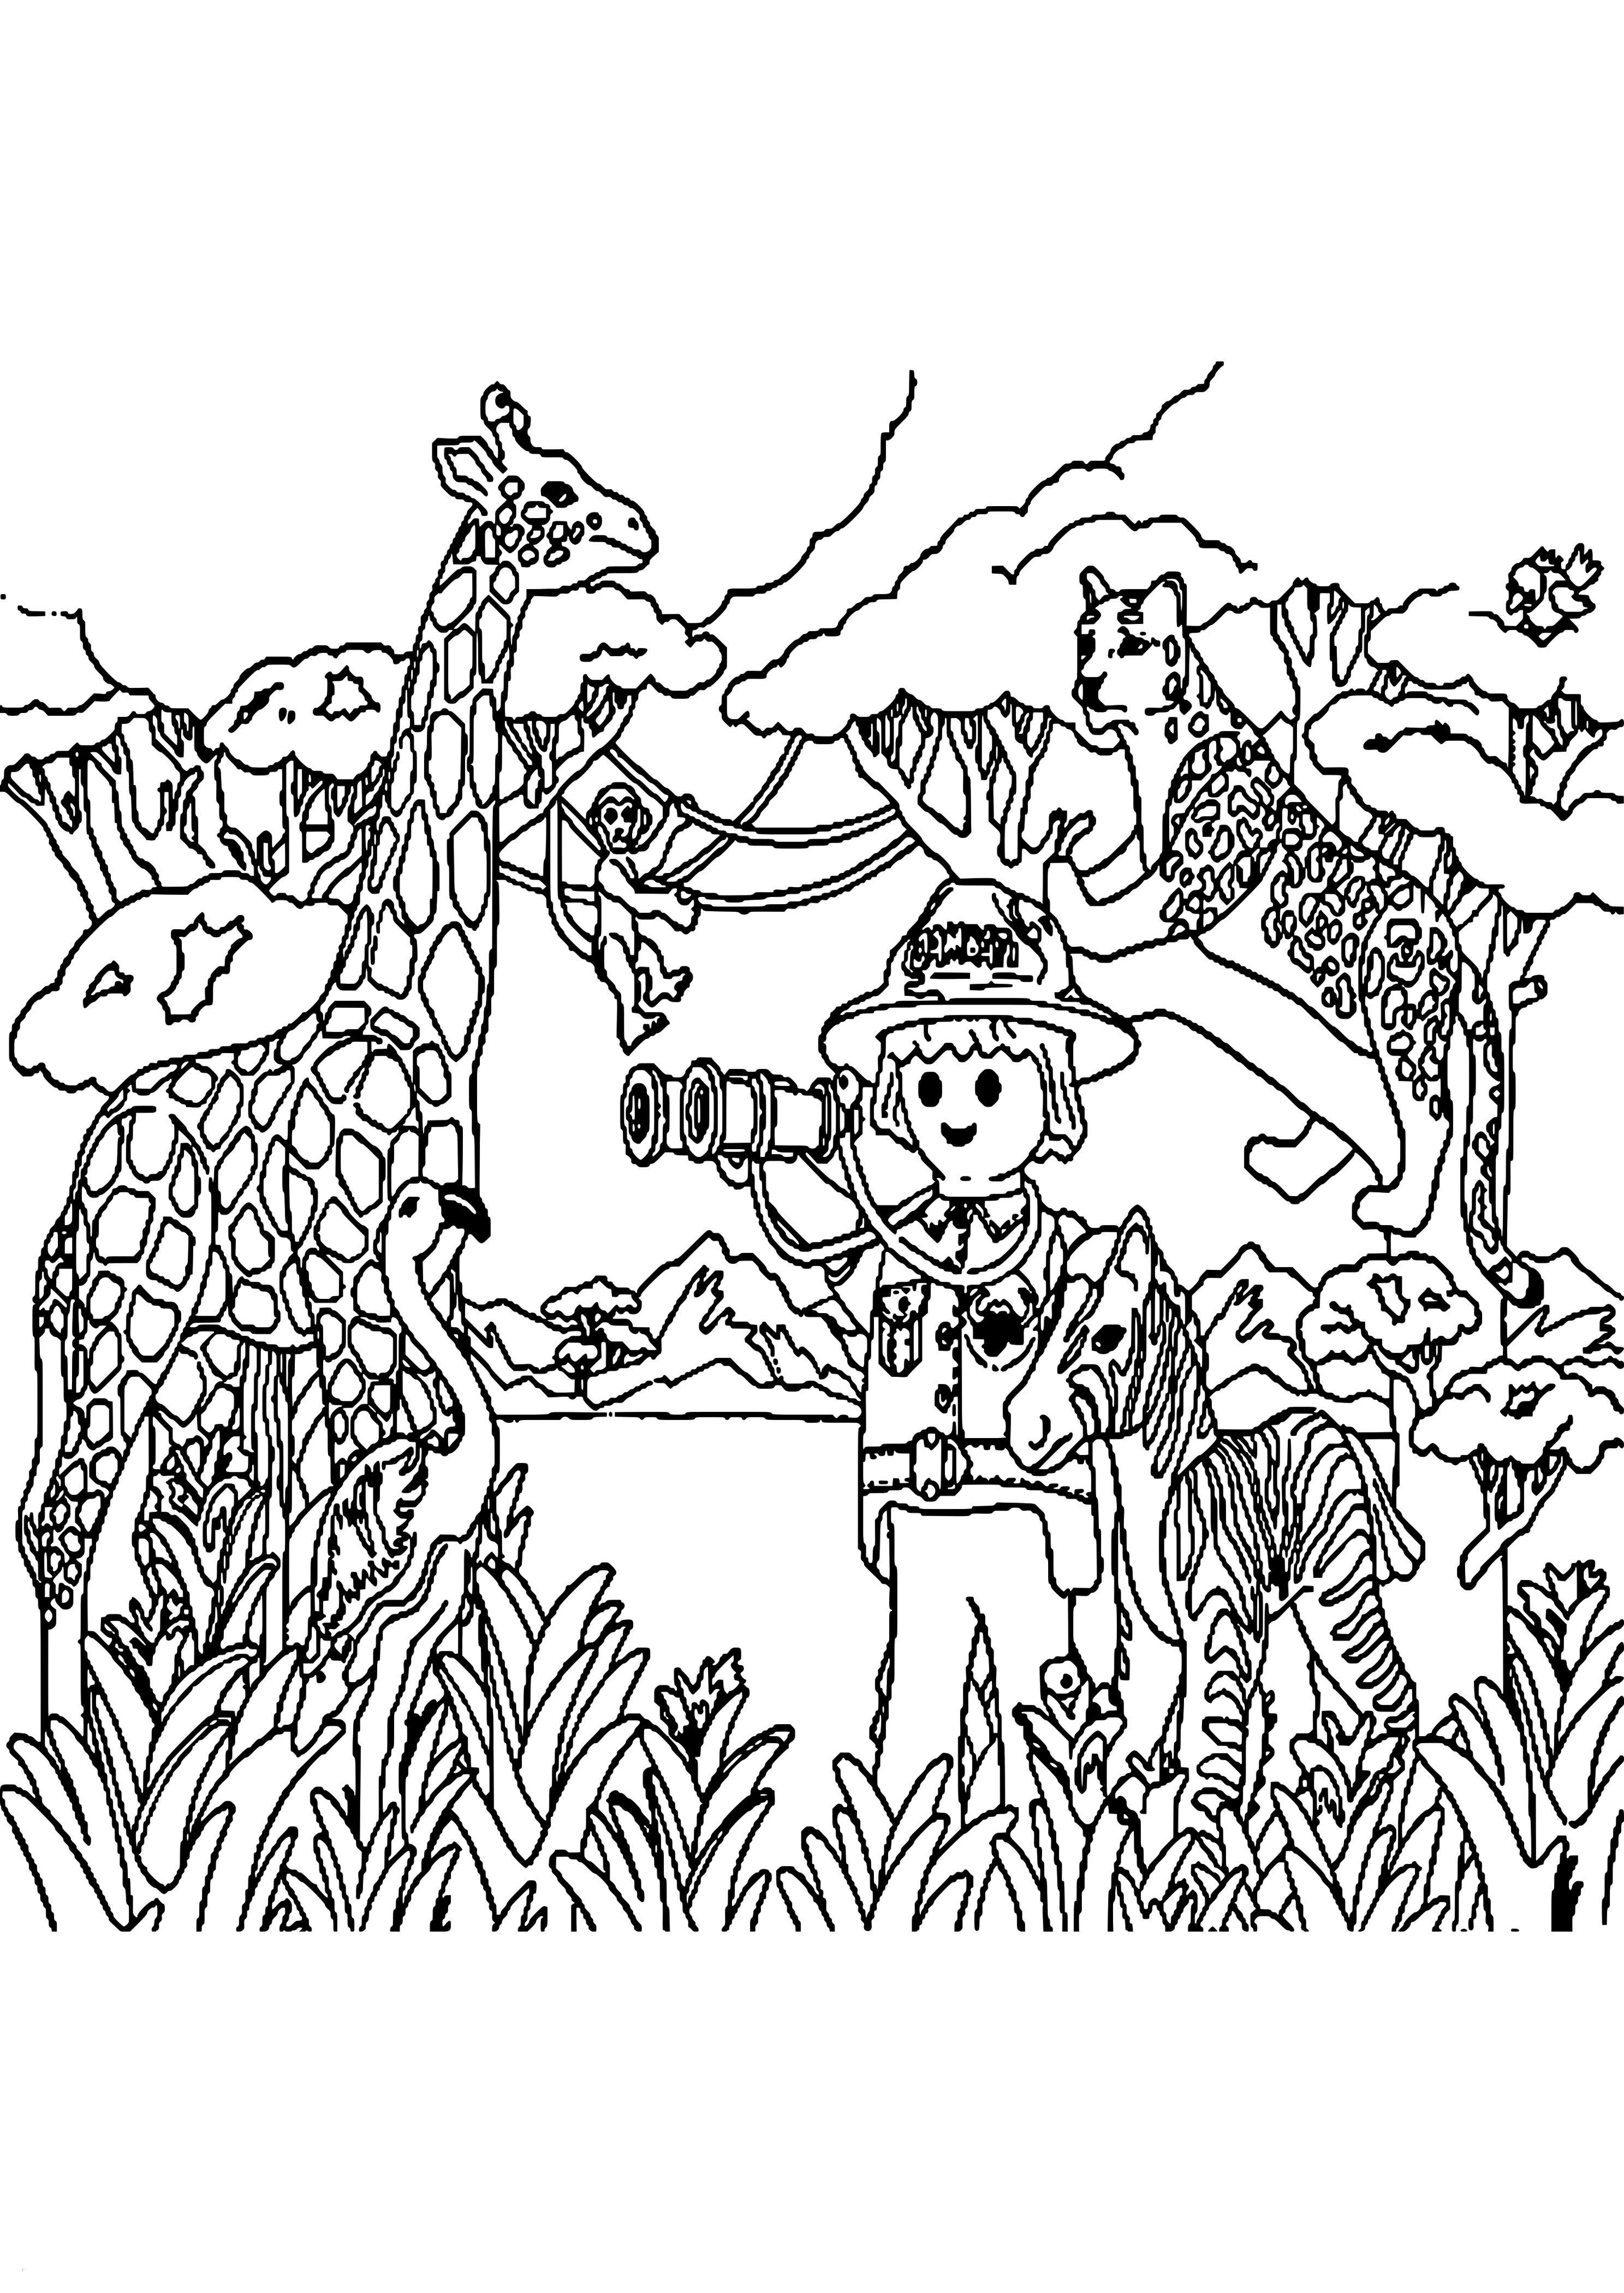 Ausmalbilder Tiere Im Dschungel Neu Para Colorear Malvorlagen Clash Clans Wiki Design Stock